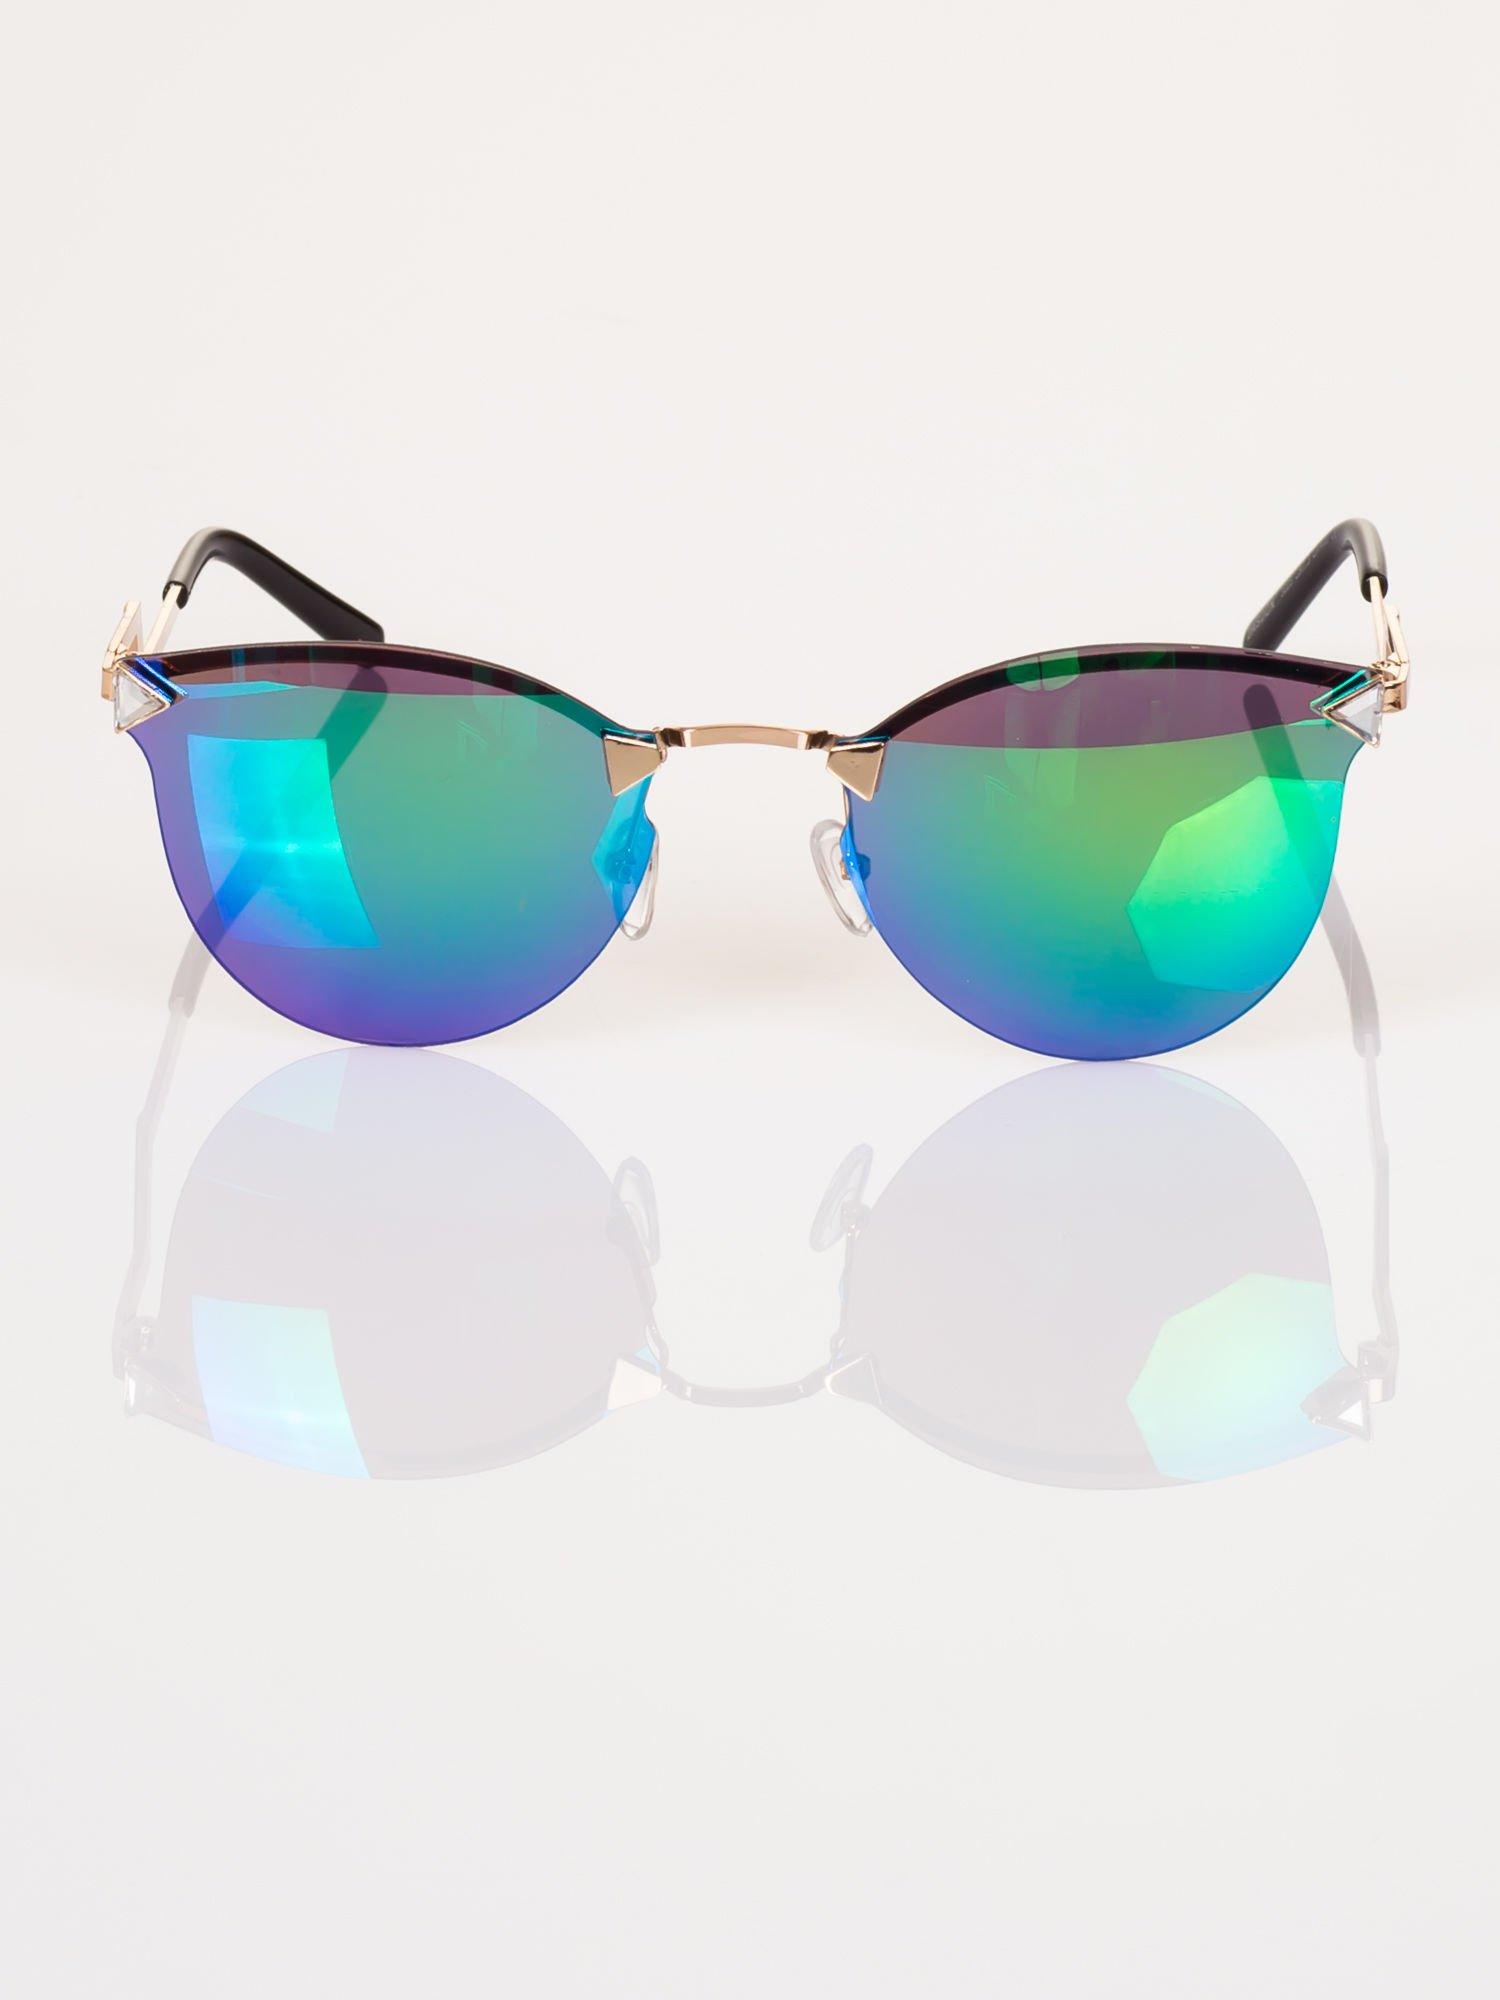 ee31bb589b442d Niebiesko-zielone eleganckie okulary przeciwsłoneczne